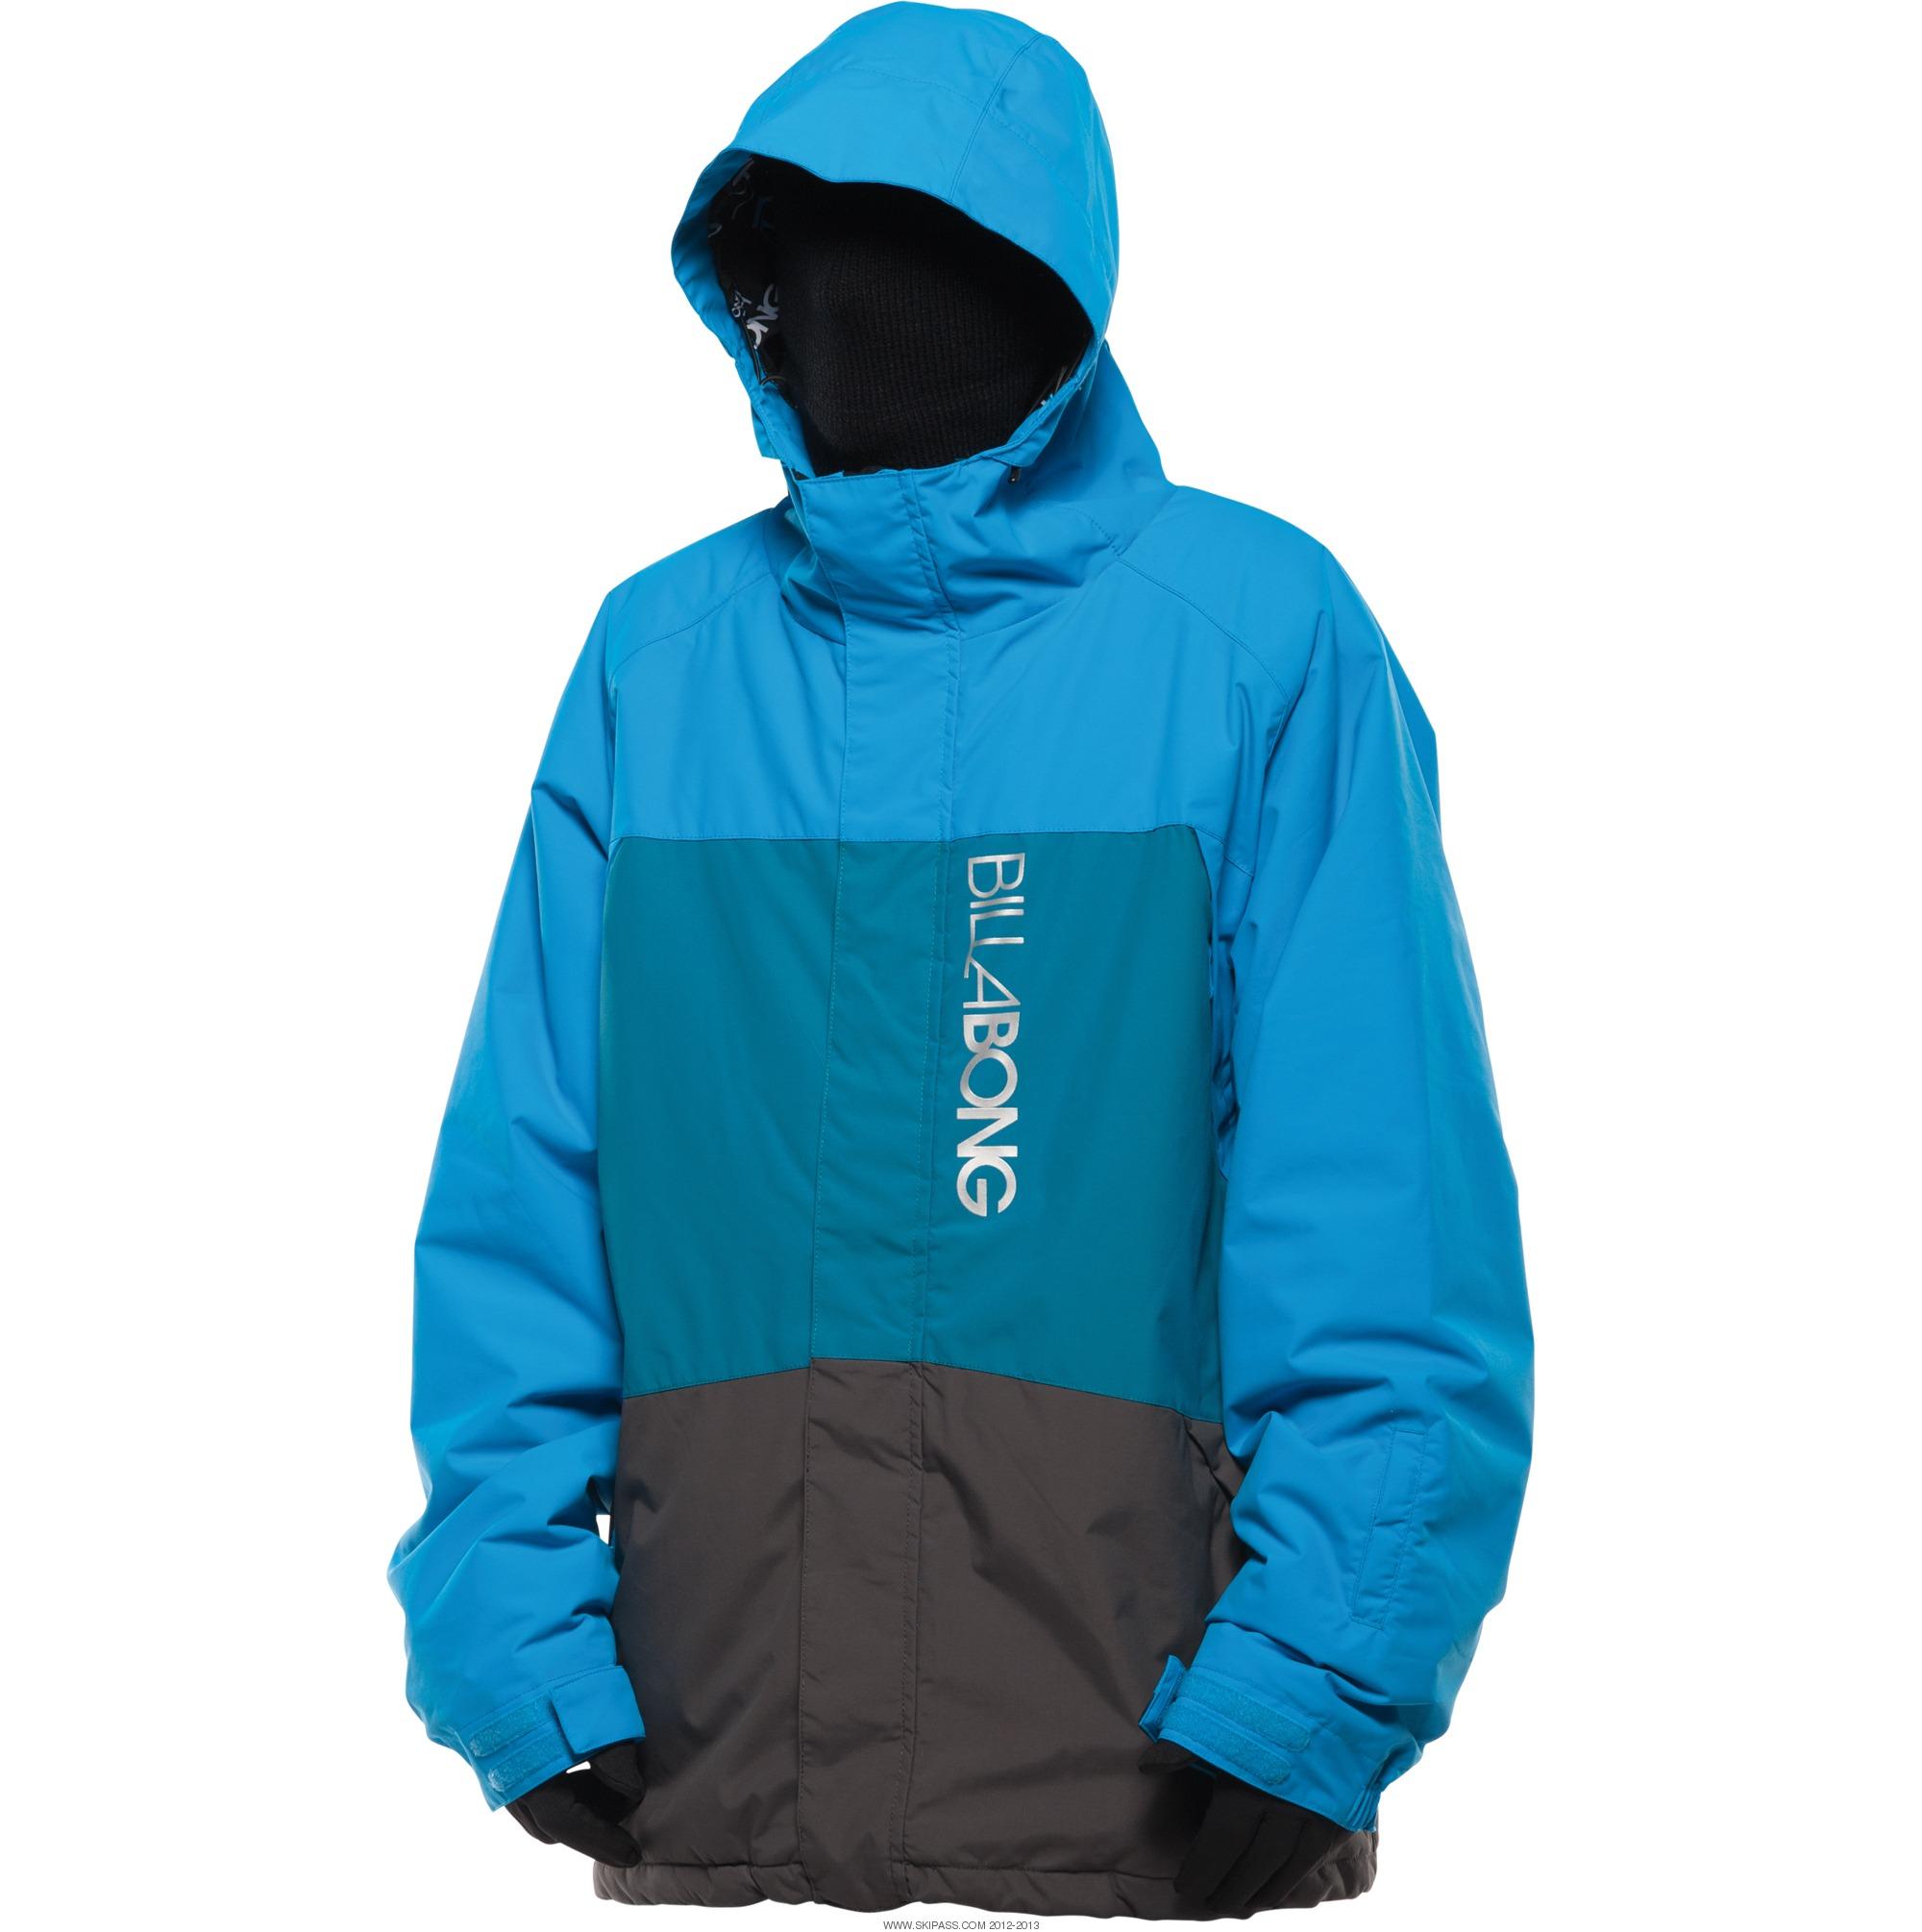 manteau ski femme billabong manteaux billabong manteau. Black Bedroom Furniture Sets. Home Design Ideas